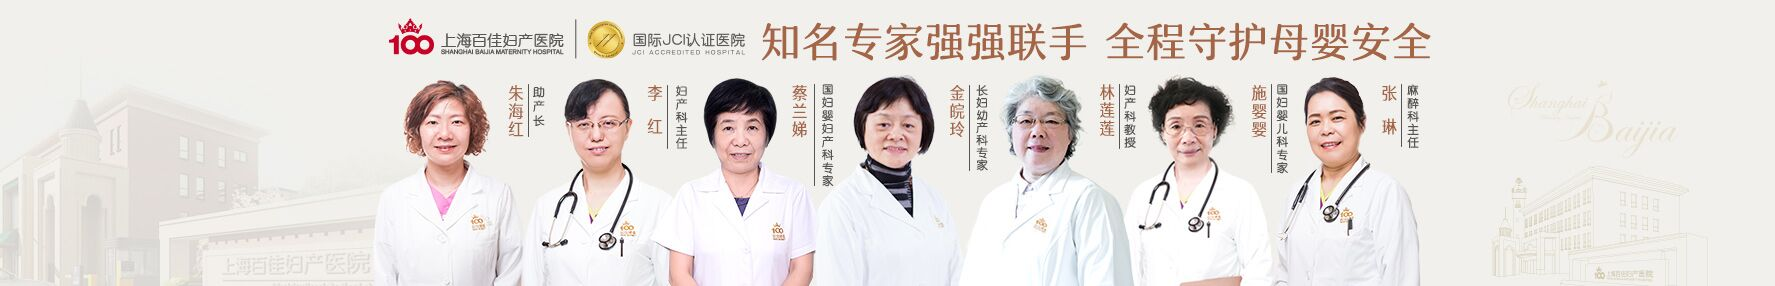 上海百佳妇产医院